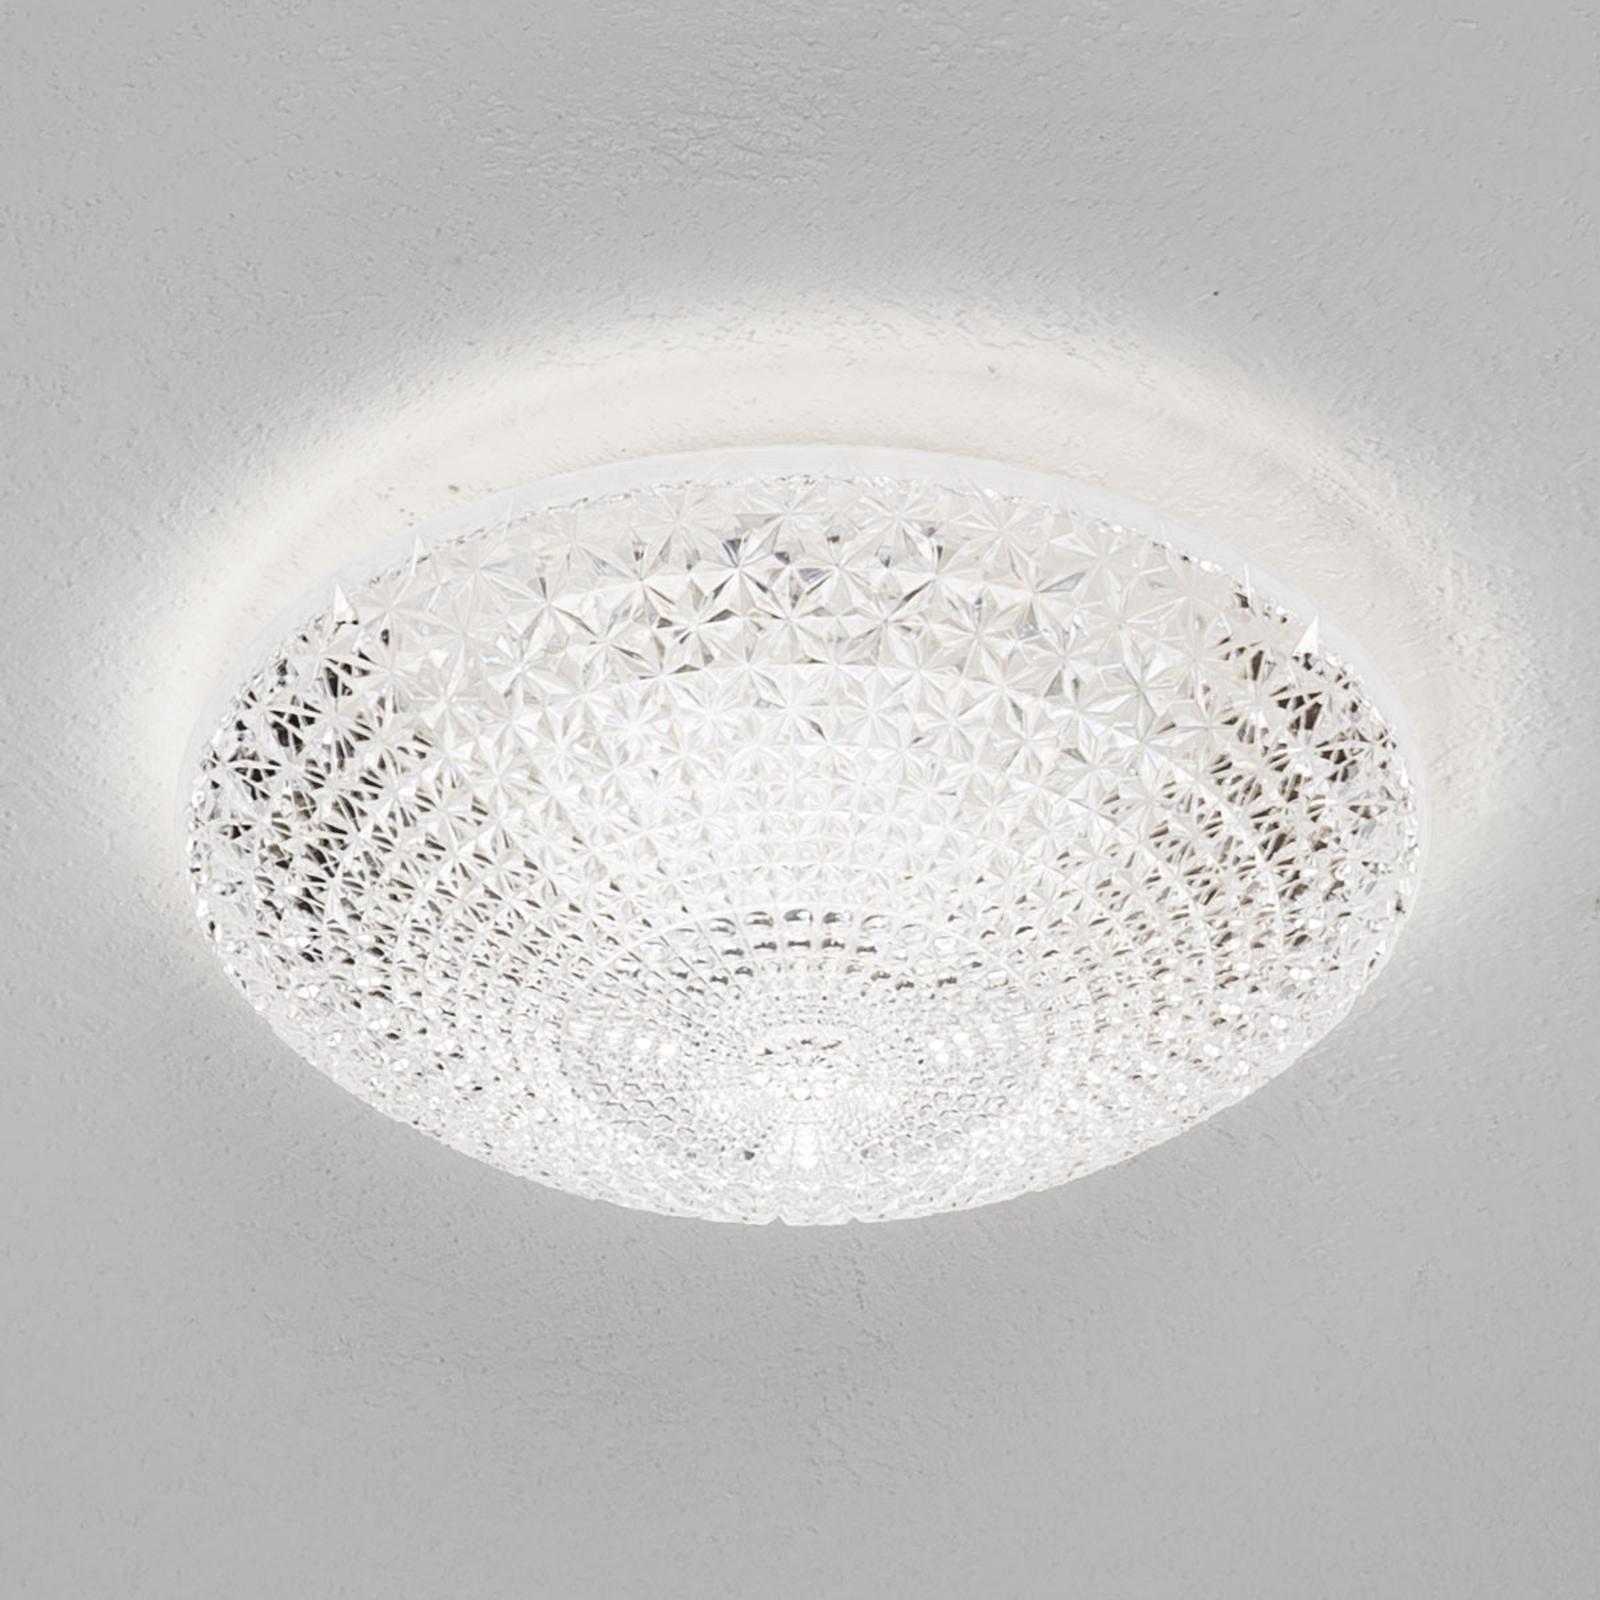 Kuorenpuolikkaan muotoinen LED-kattovalaisin Kuma